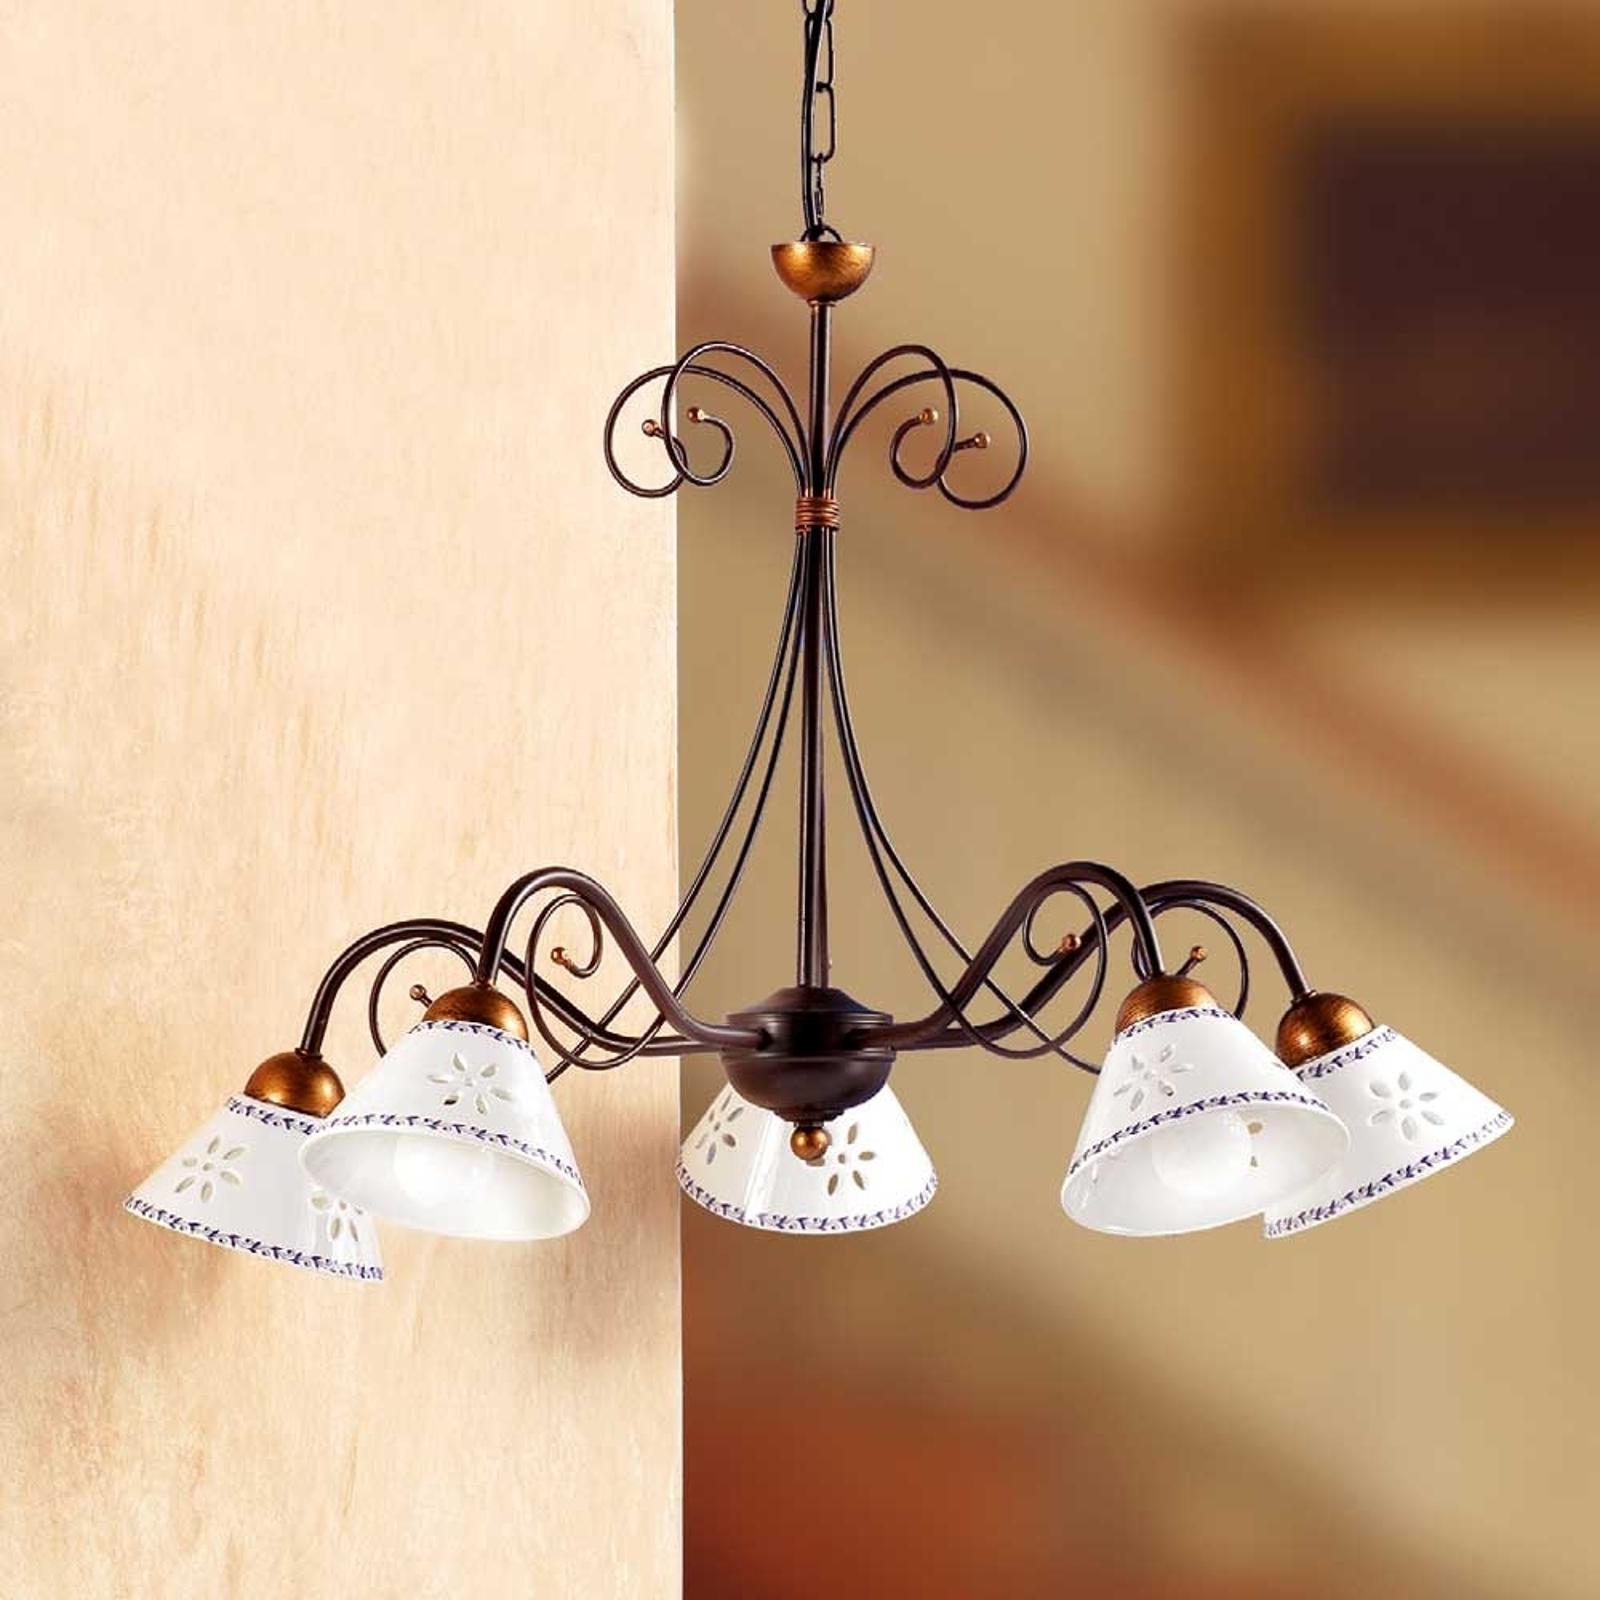 Romántica lámpara colgante LIBERTY 5 luces